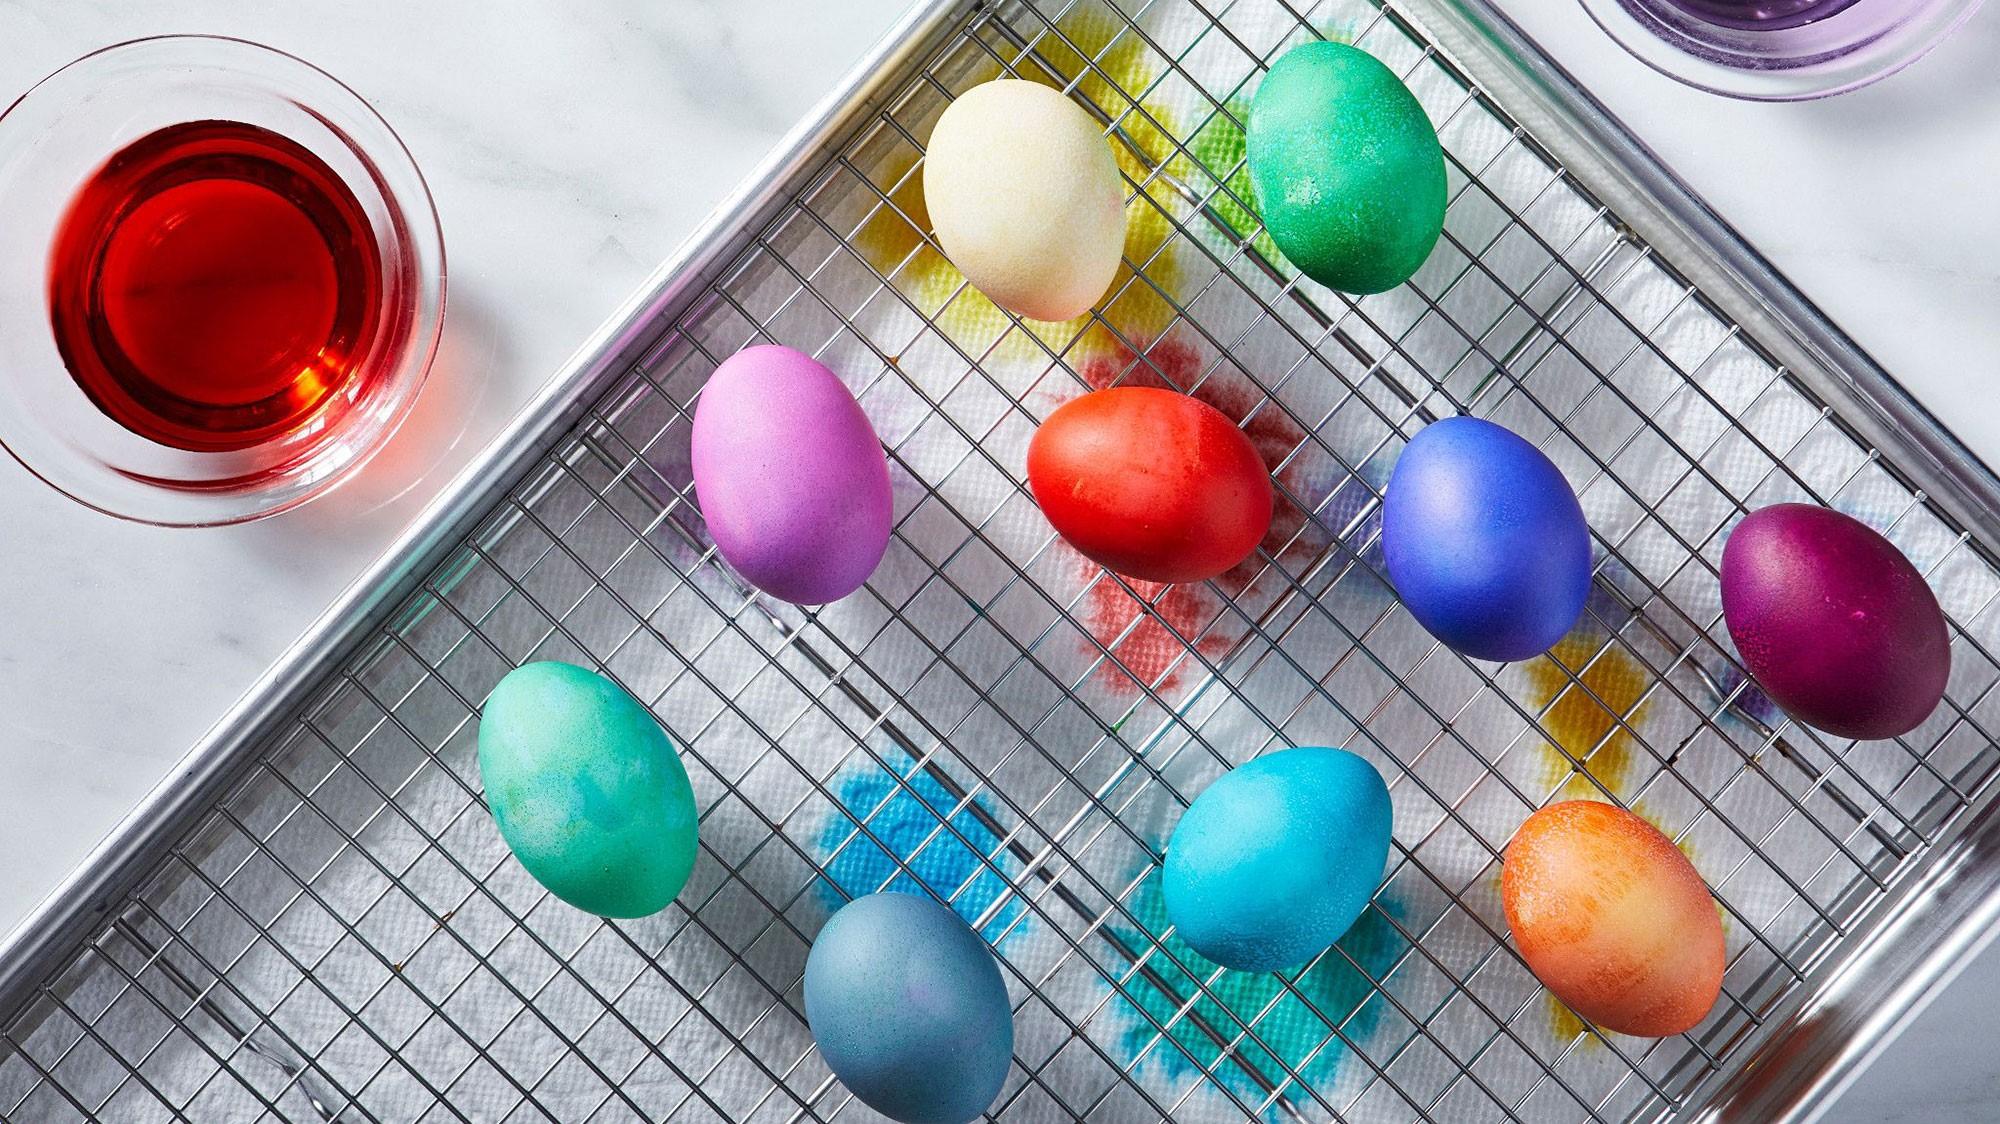 Un gaz est libéré à mesure que l'œuf vieillit, ce qui permet de séparer la peau de l'œuf